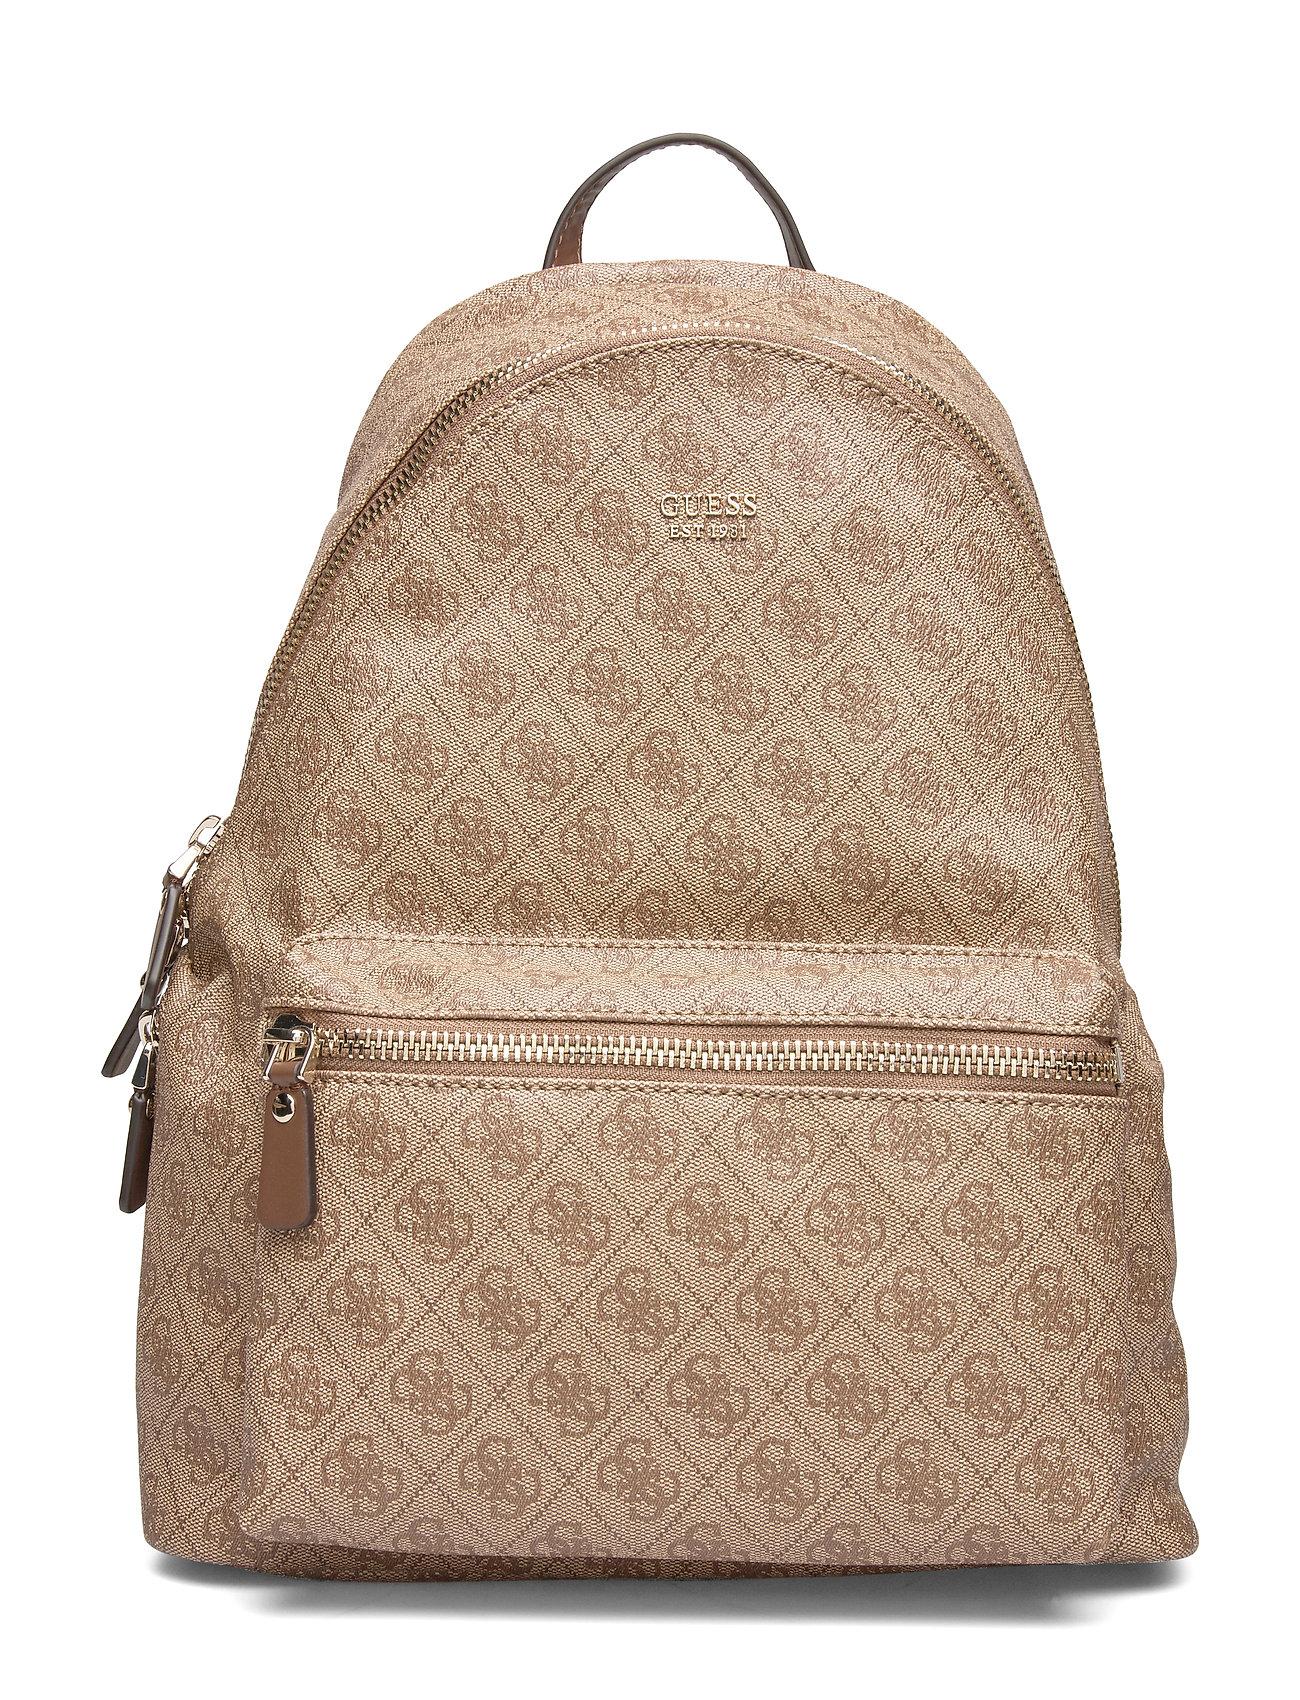 GUESS Leeza Backpack Rucksack Tasche Beige GUESS